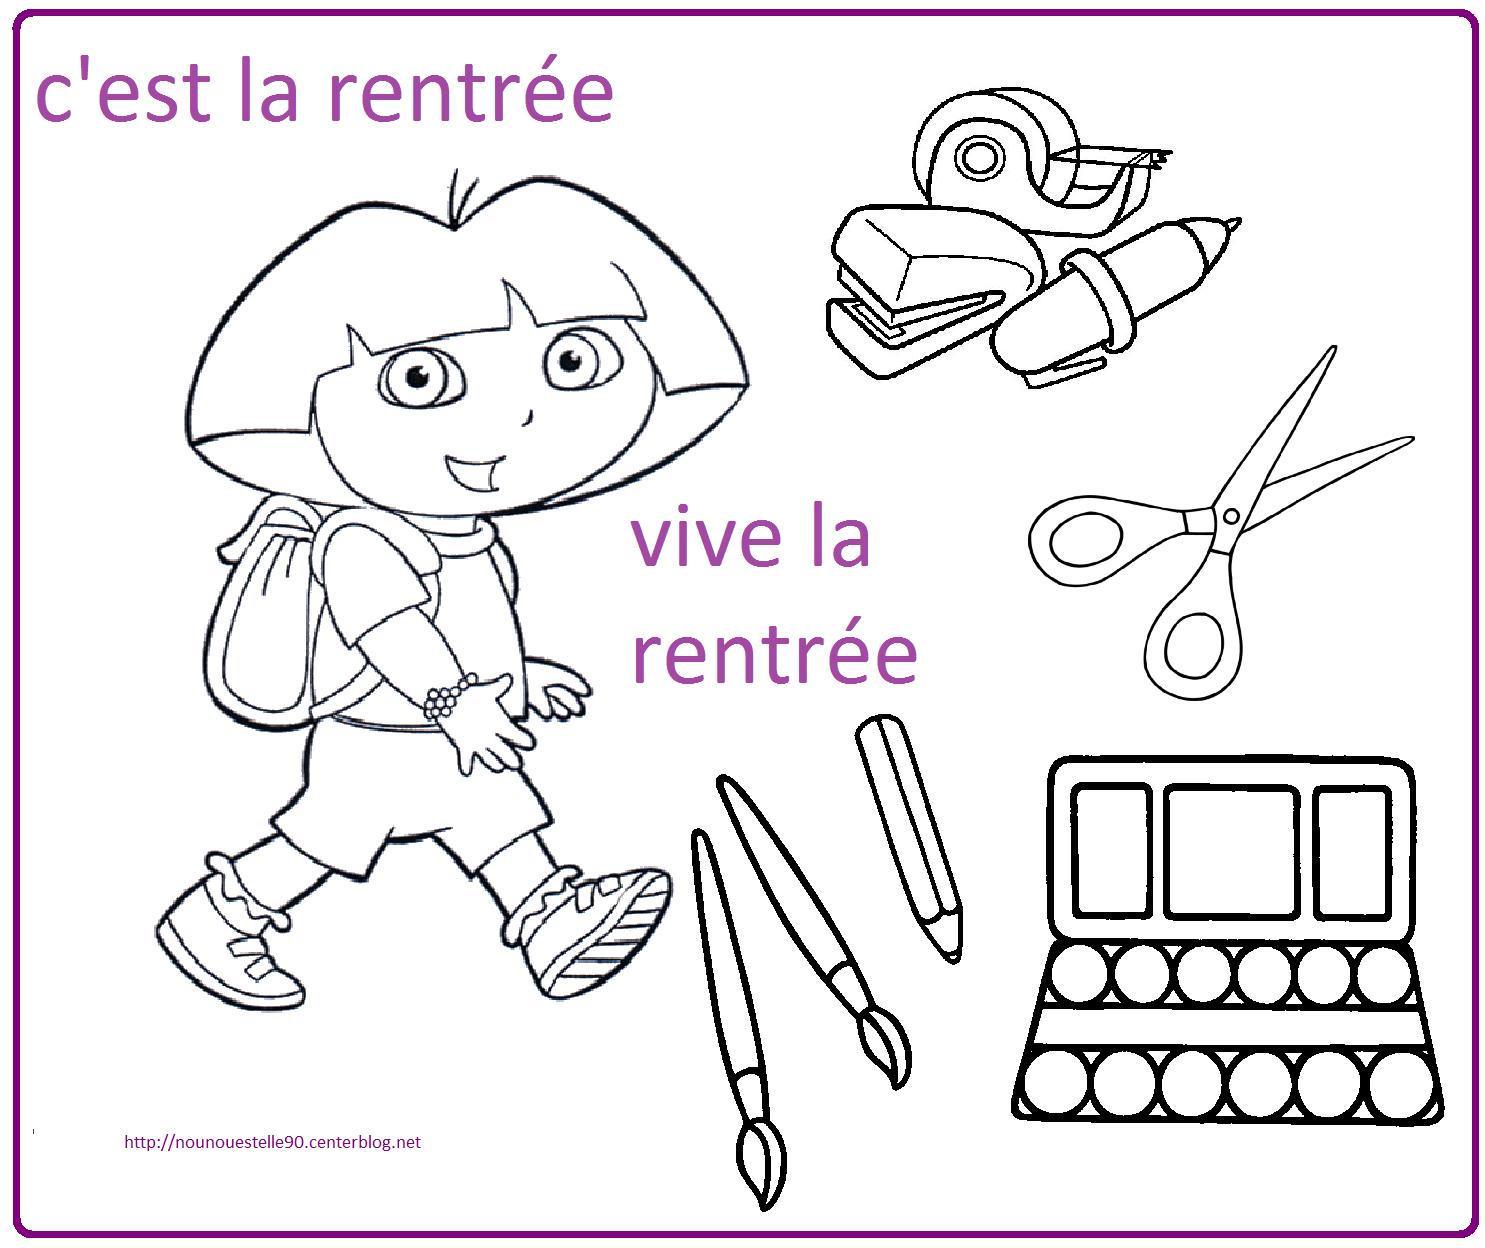 Coloriages Pour La Rentree Des Classes concernant Coloriage Rentree